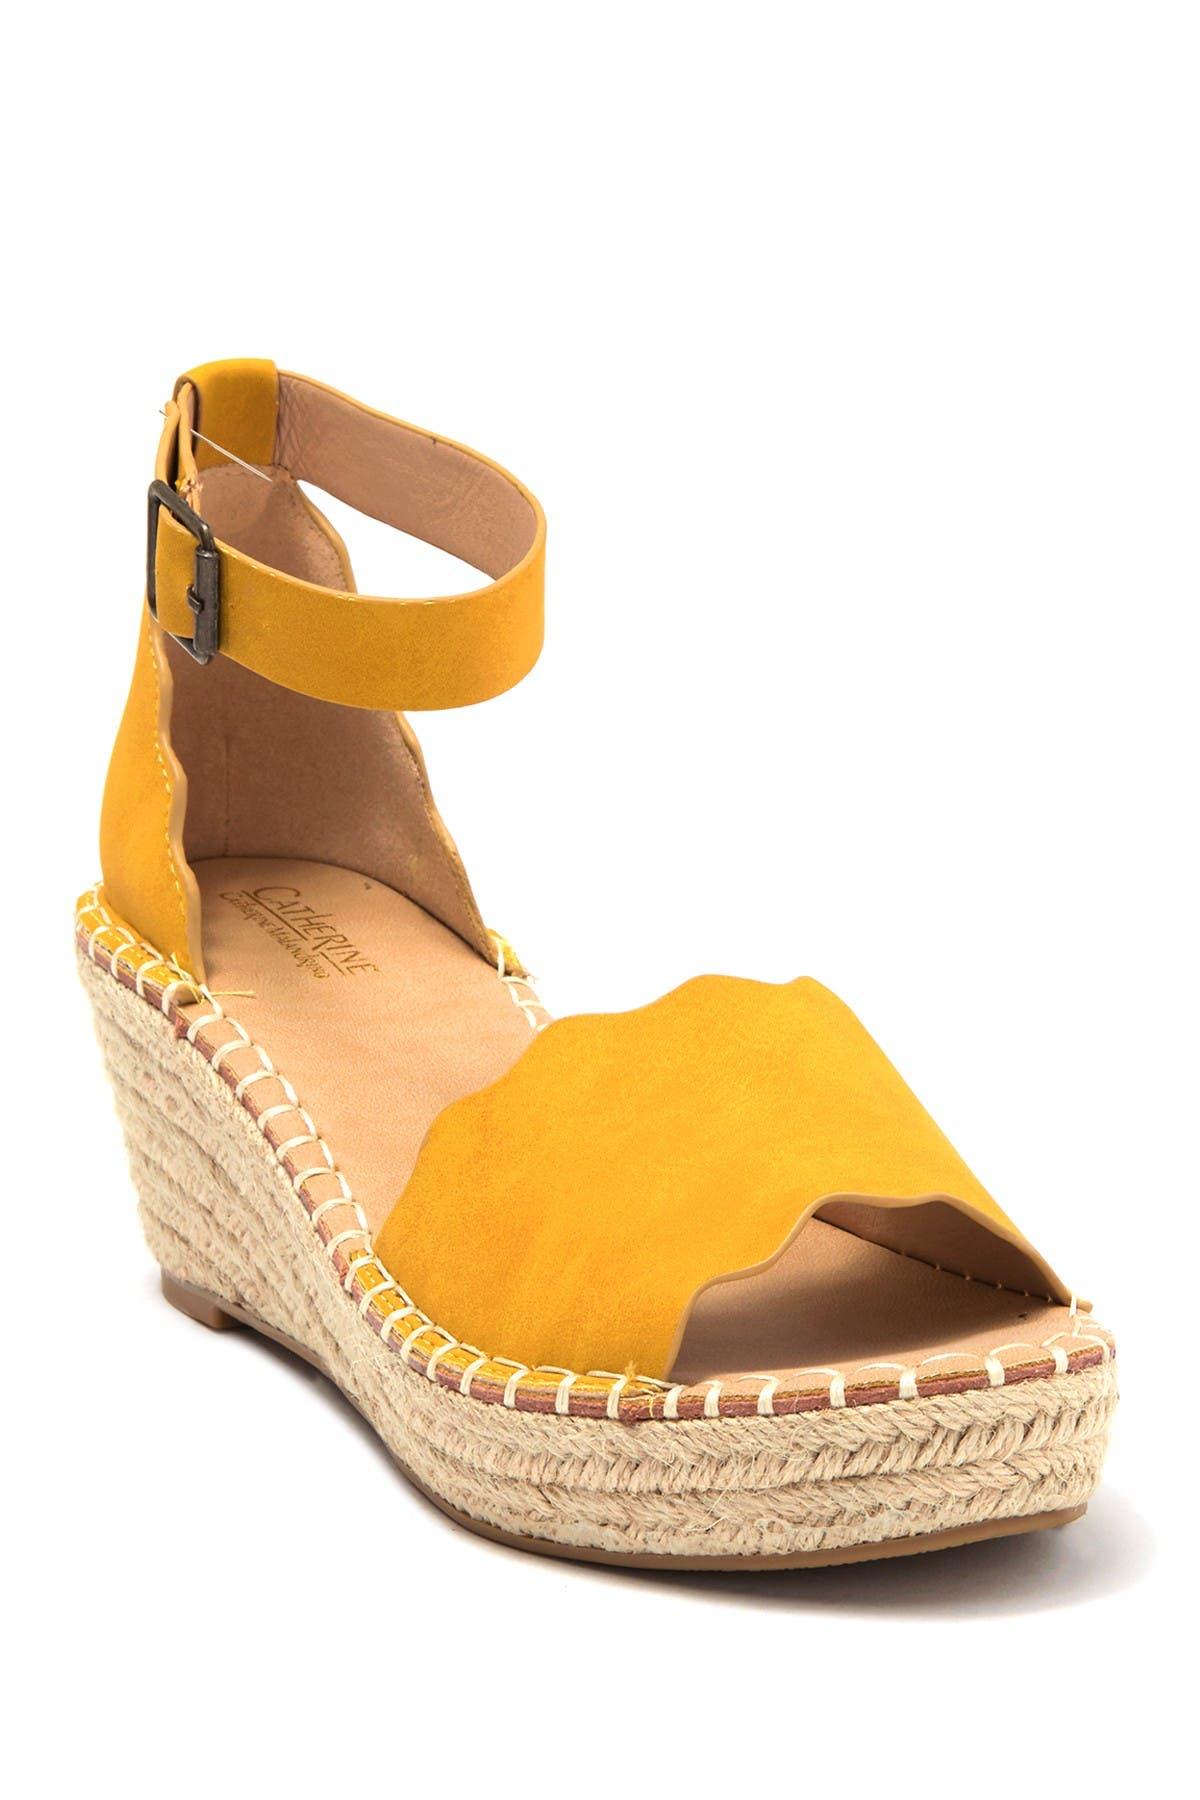 Image of Catherine Catherine Malandrino Margo Scalloped Espadrille Platform Wedge Sandal